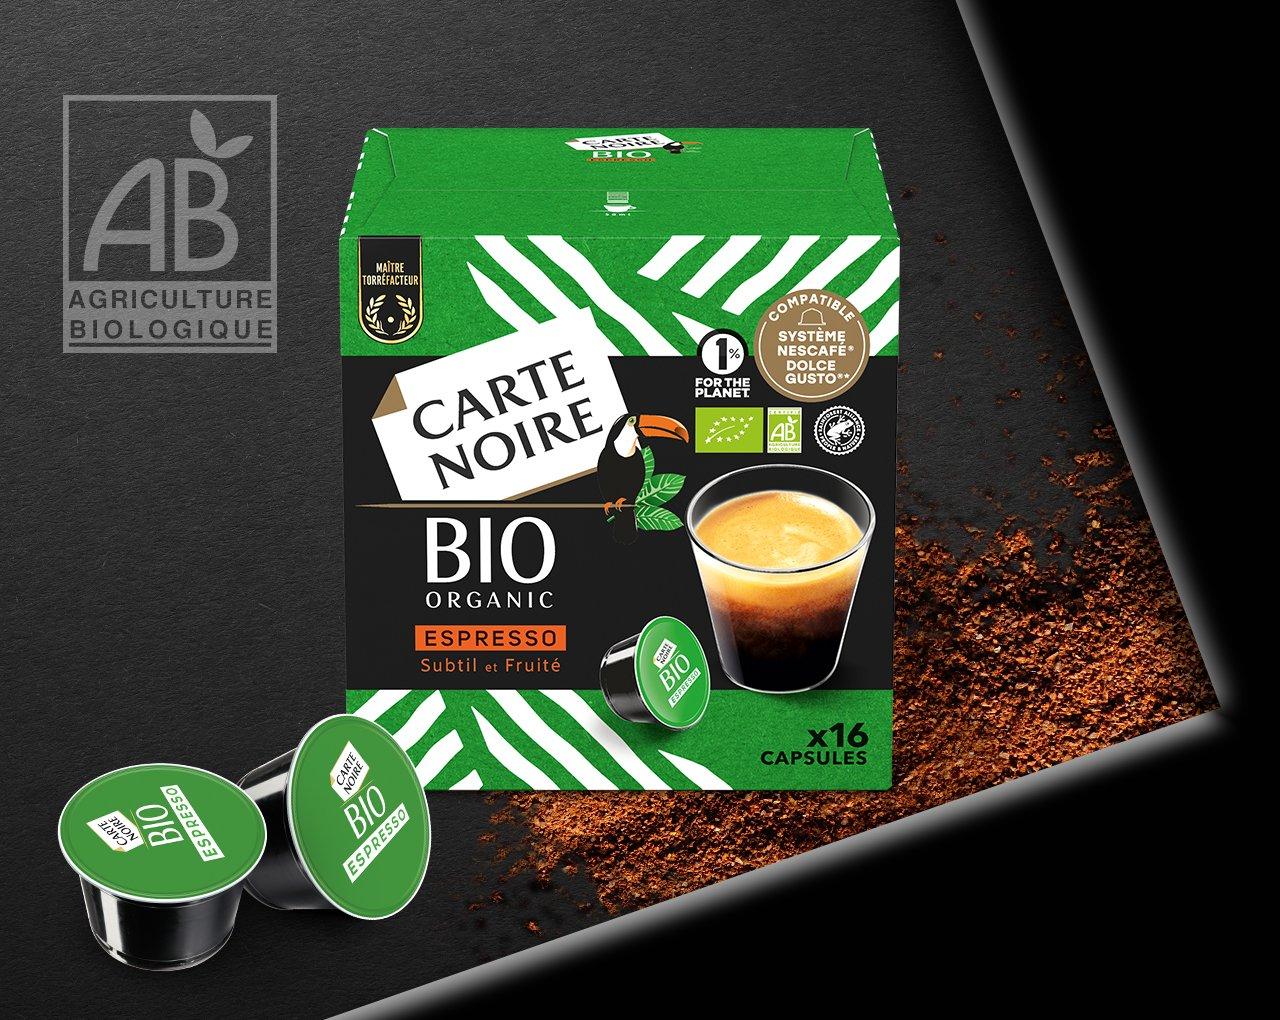 ESPRESSO BIO x16 - Café biologique torréfié et moulu en capsules